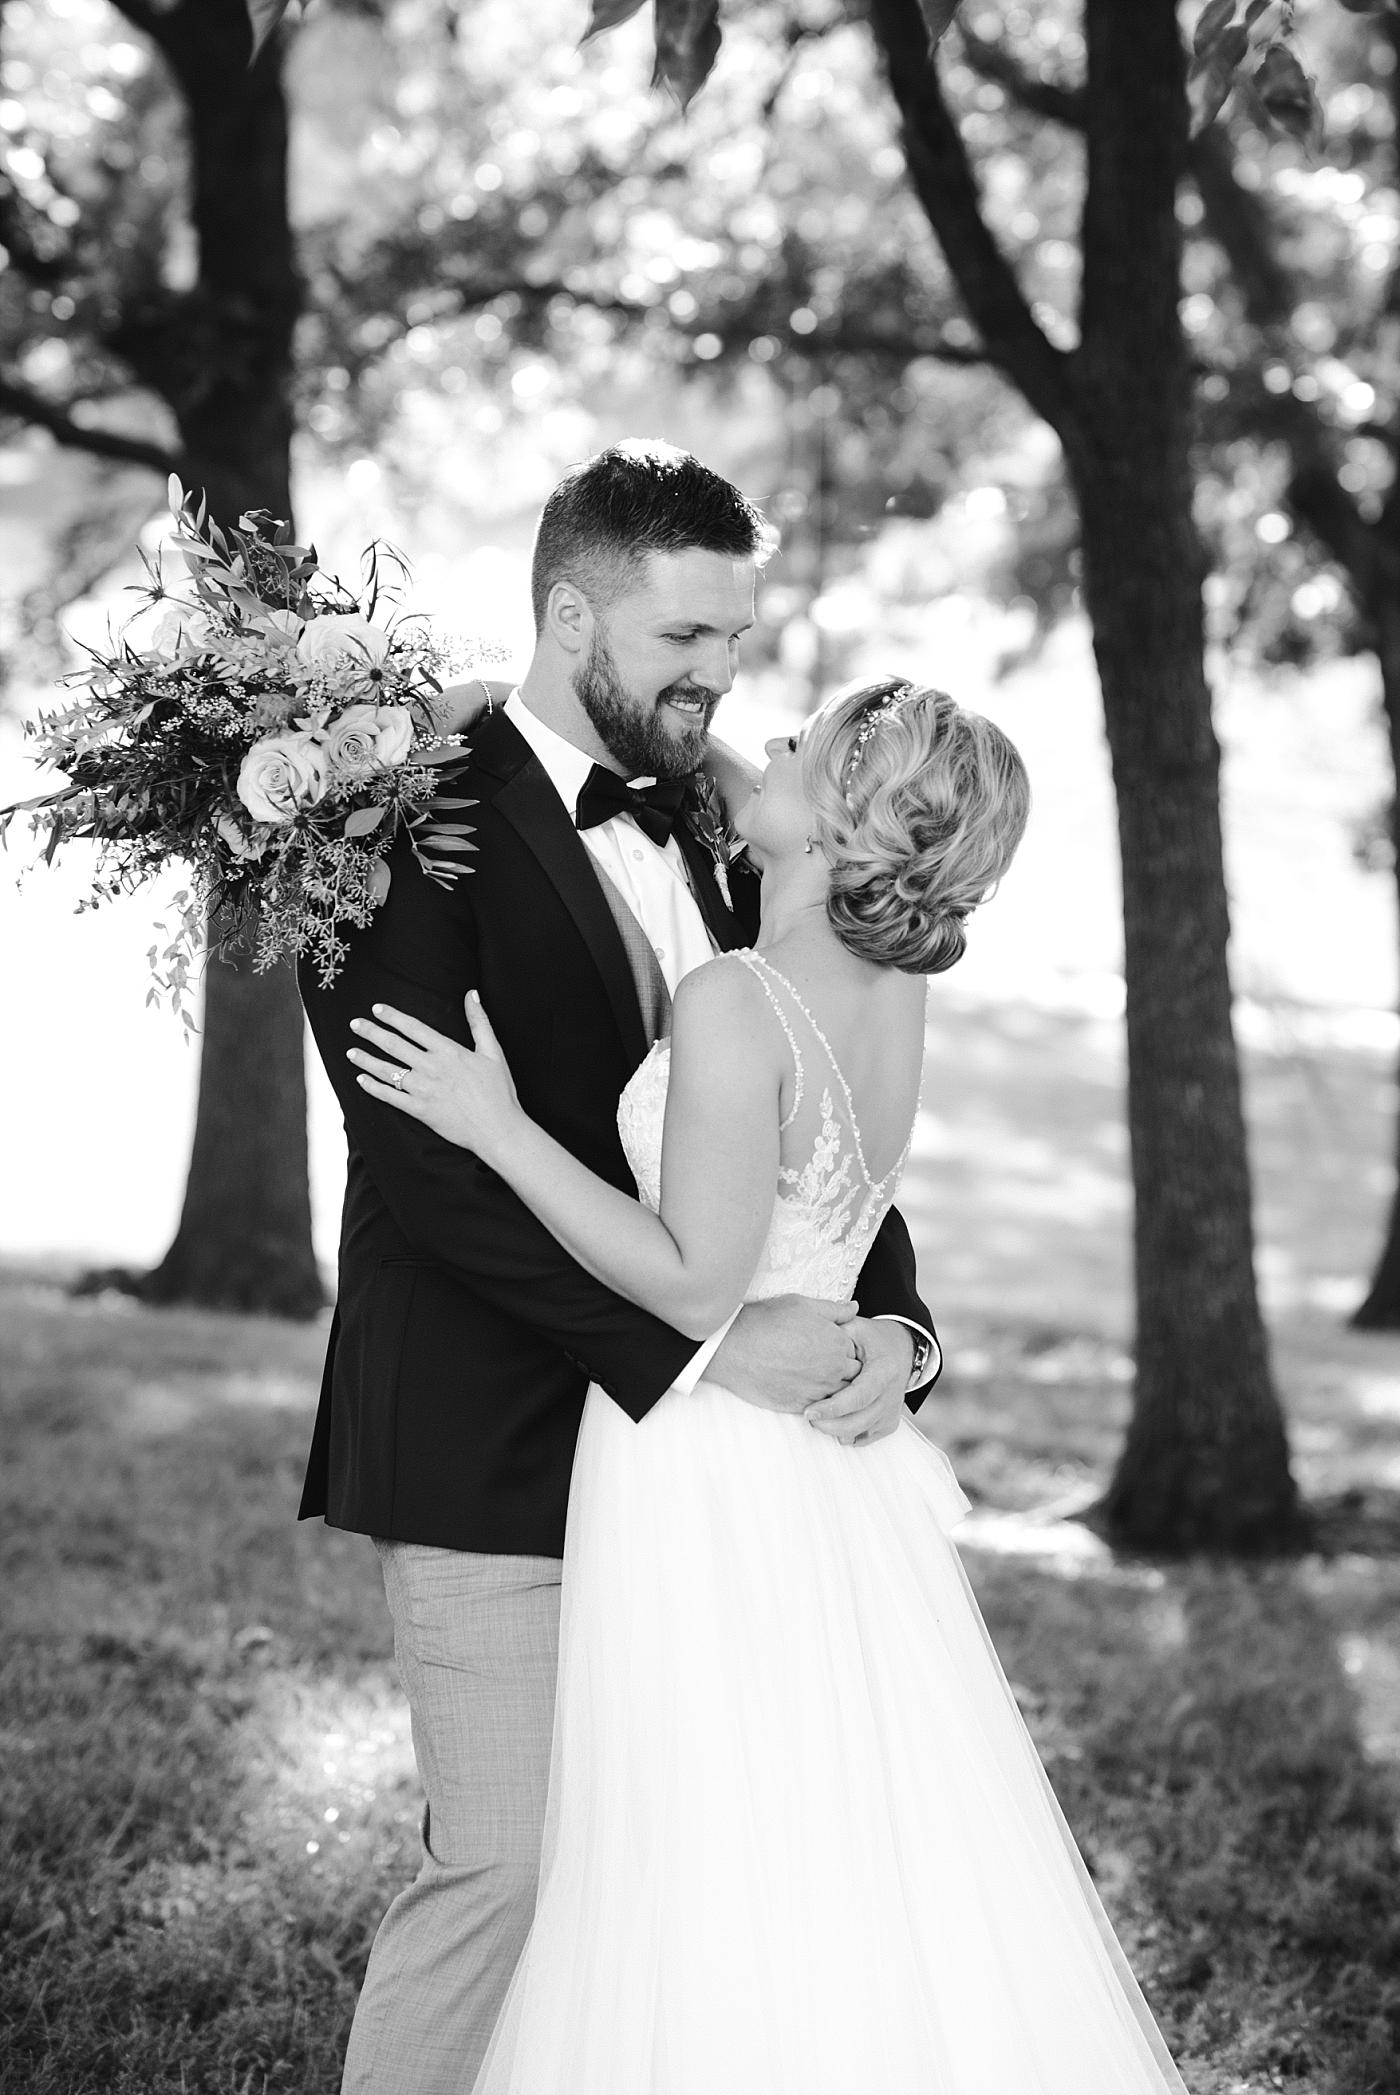 Bride groom bouquet wedding photography portrait gown suit bow tie